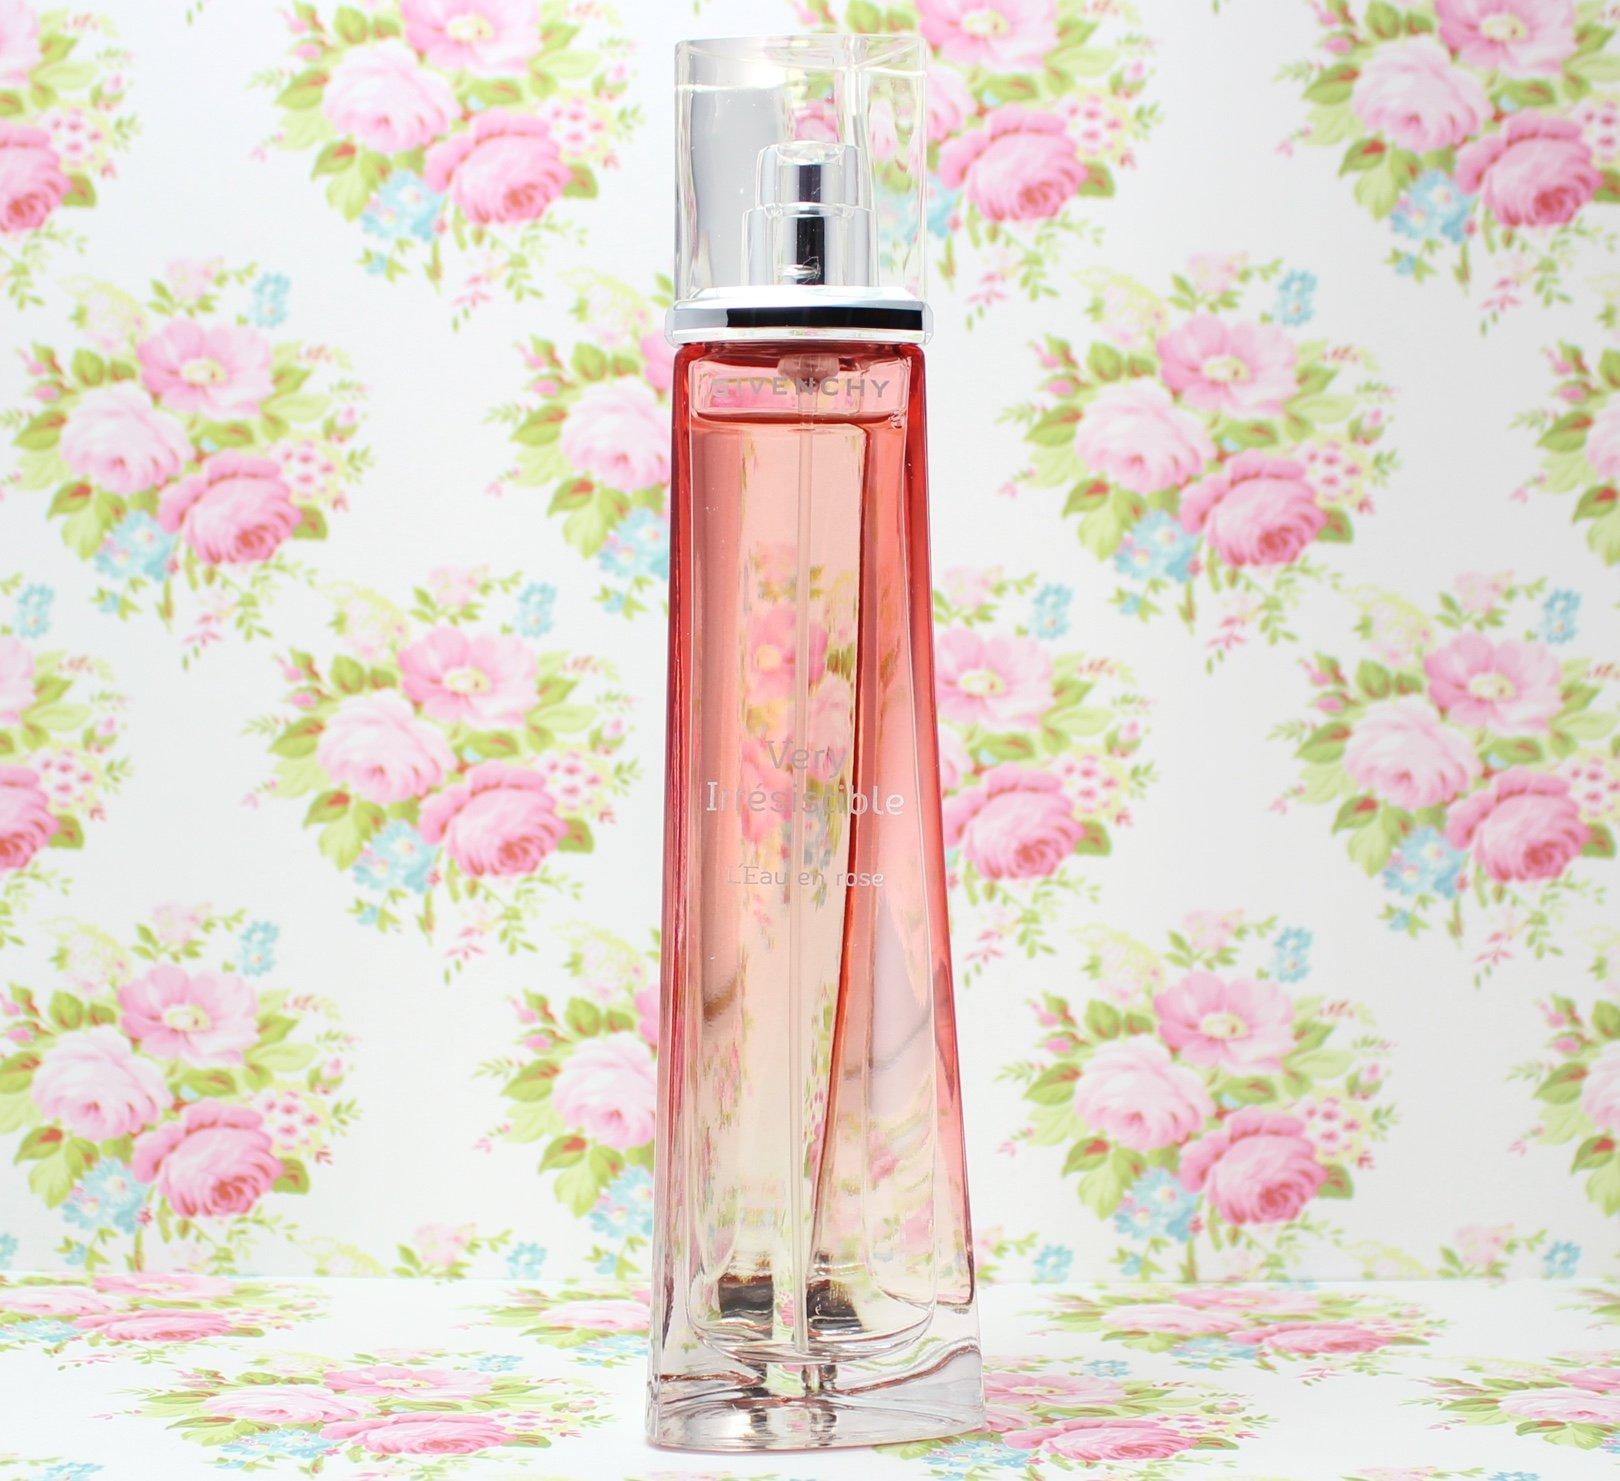 Givenchy 'L'Eau en rose' Eau de toilette review